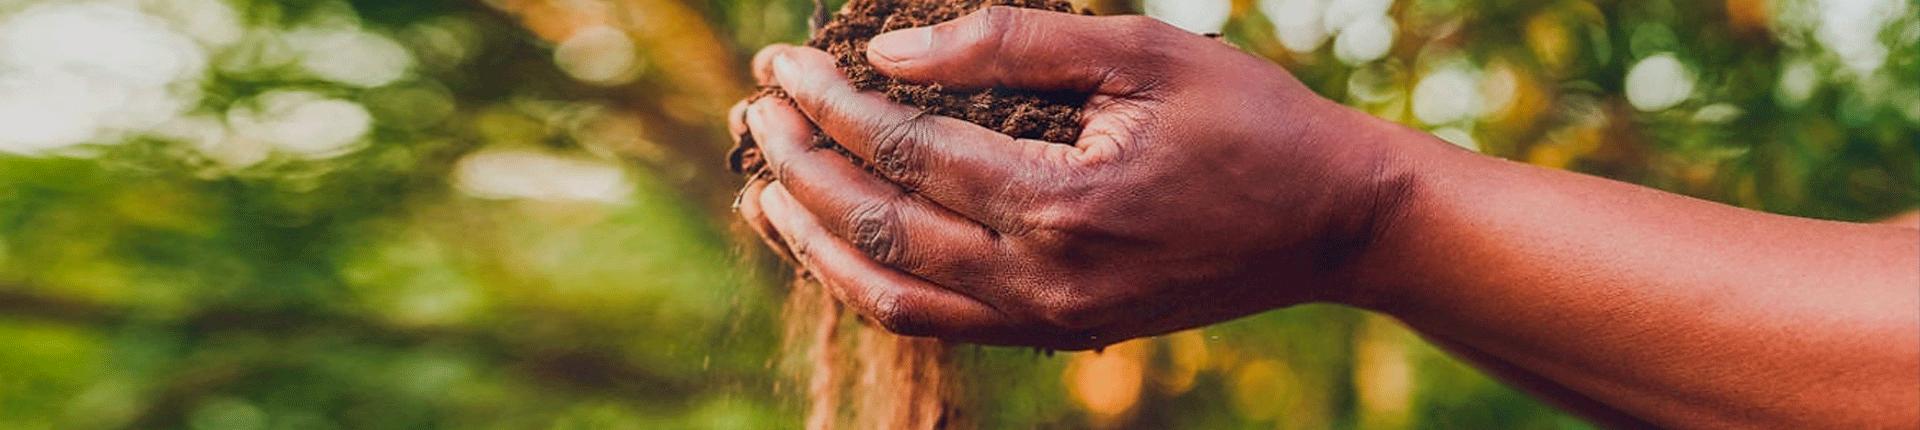 Os_tres_pilares_da sustentabilidade